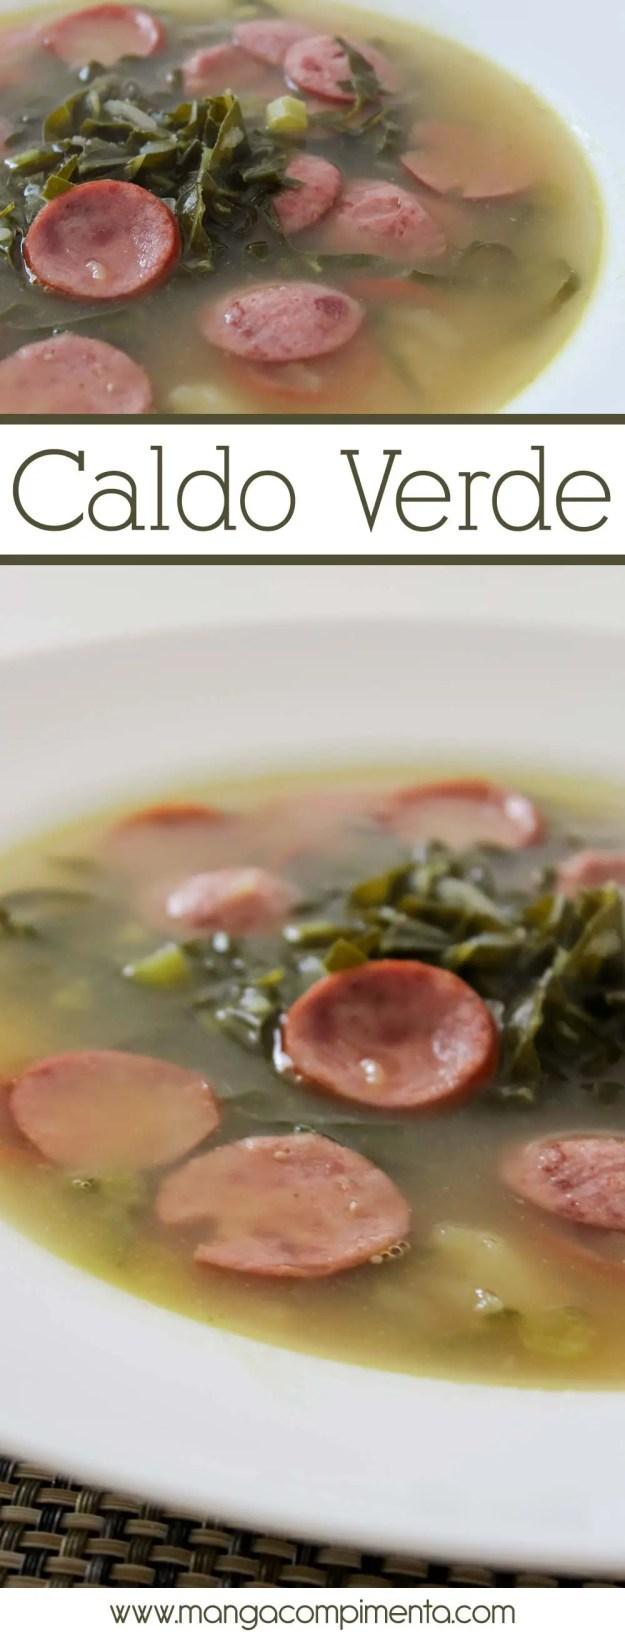 Caldo Verde - Uma sopa quentinha para quando o inverno chegar!